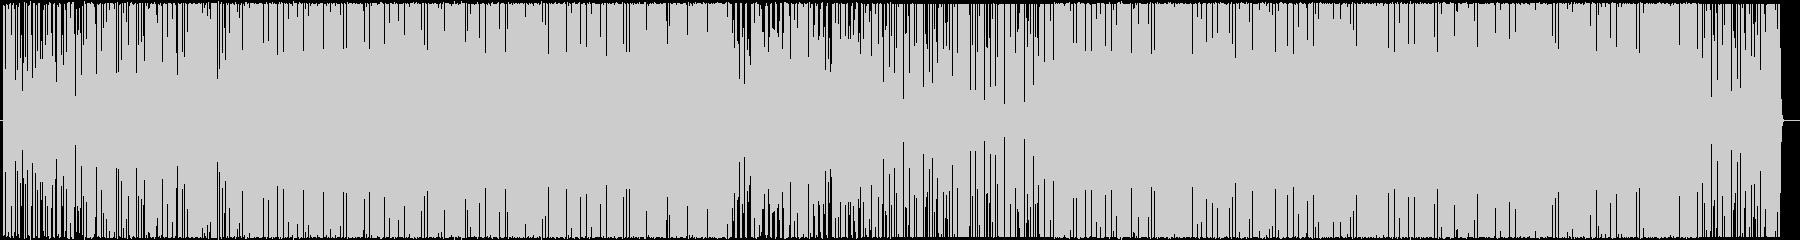 リズミックなエレクトロニカボサノバBGMの未再生の波形